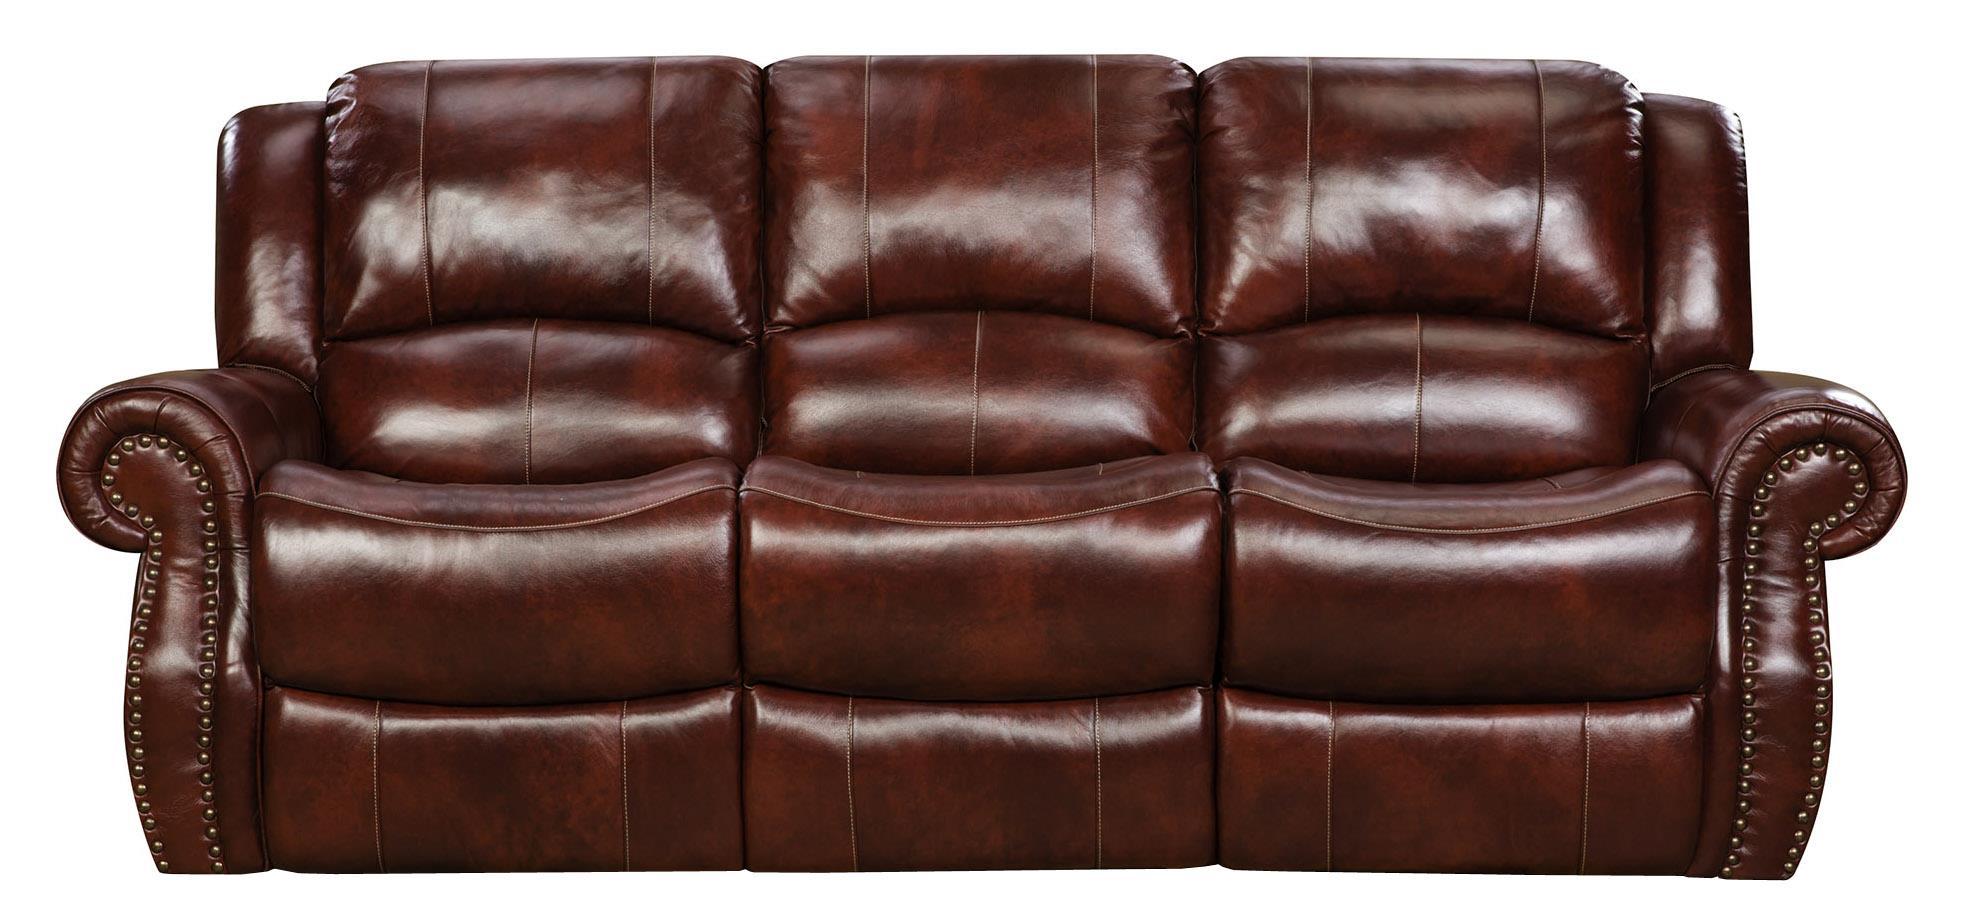 Corinthian Alexander Reclining Sofa - Item Number: 99901-30